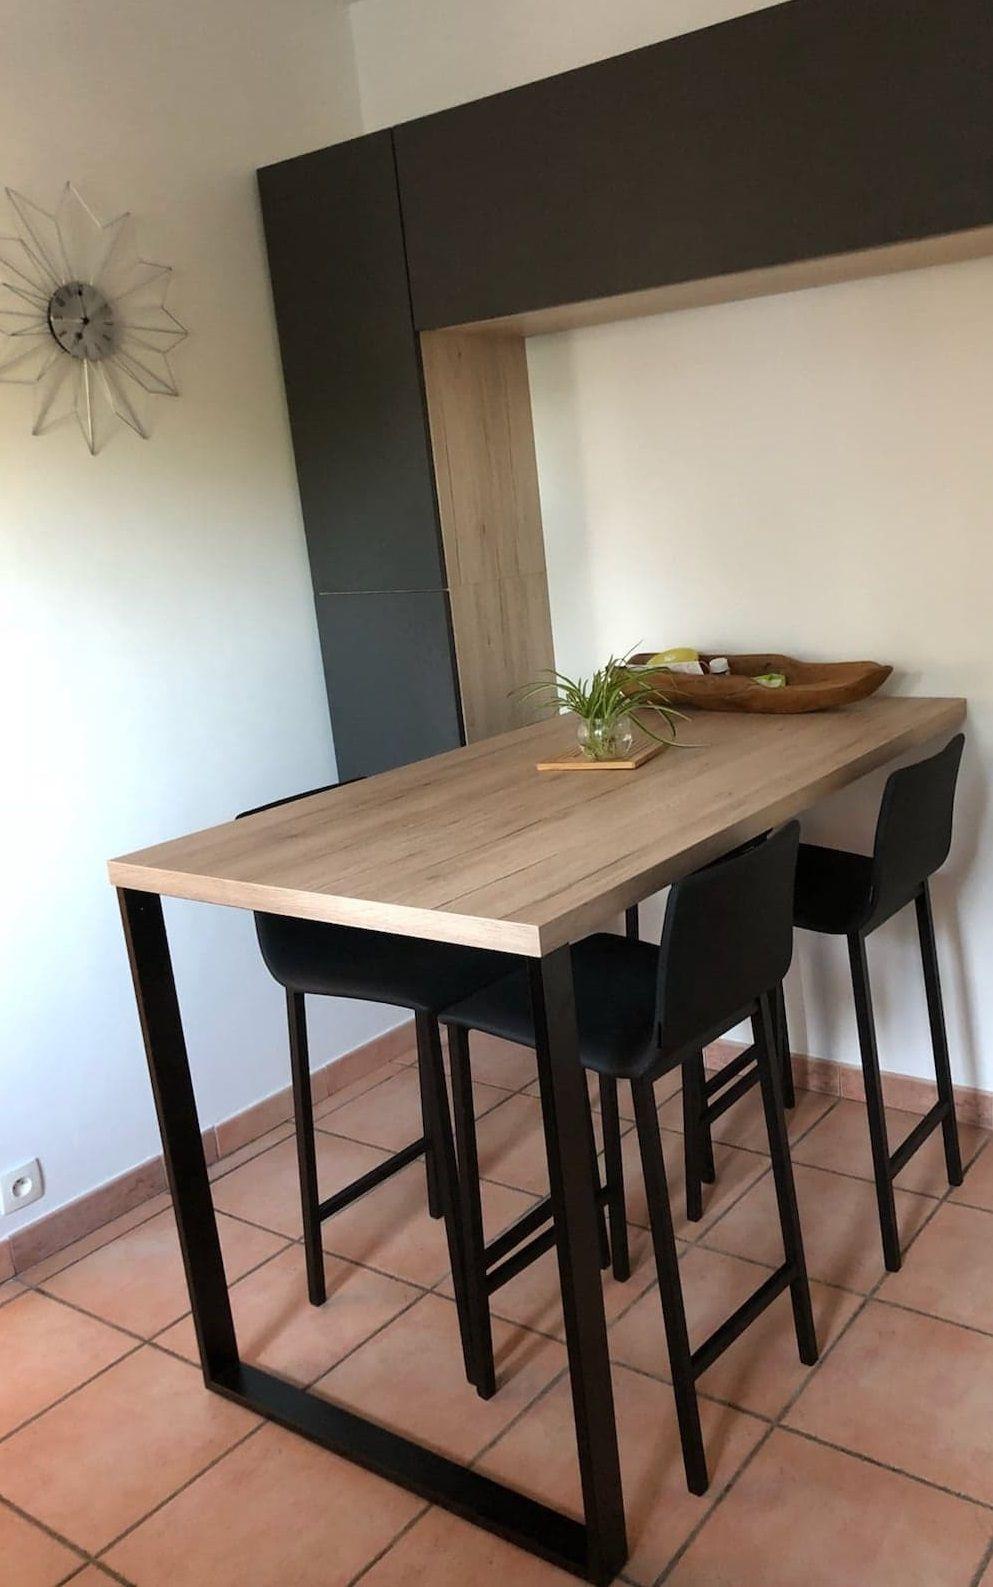 Cuisine Interieur Design A Toulouse Cuisine Equipee Tendance Et Moderne Coin Repas Gris Effet Beton Et Meuble Cuisine Table Haute Cuisine Table Haute Bois